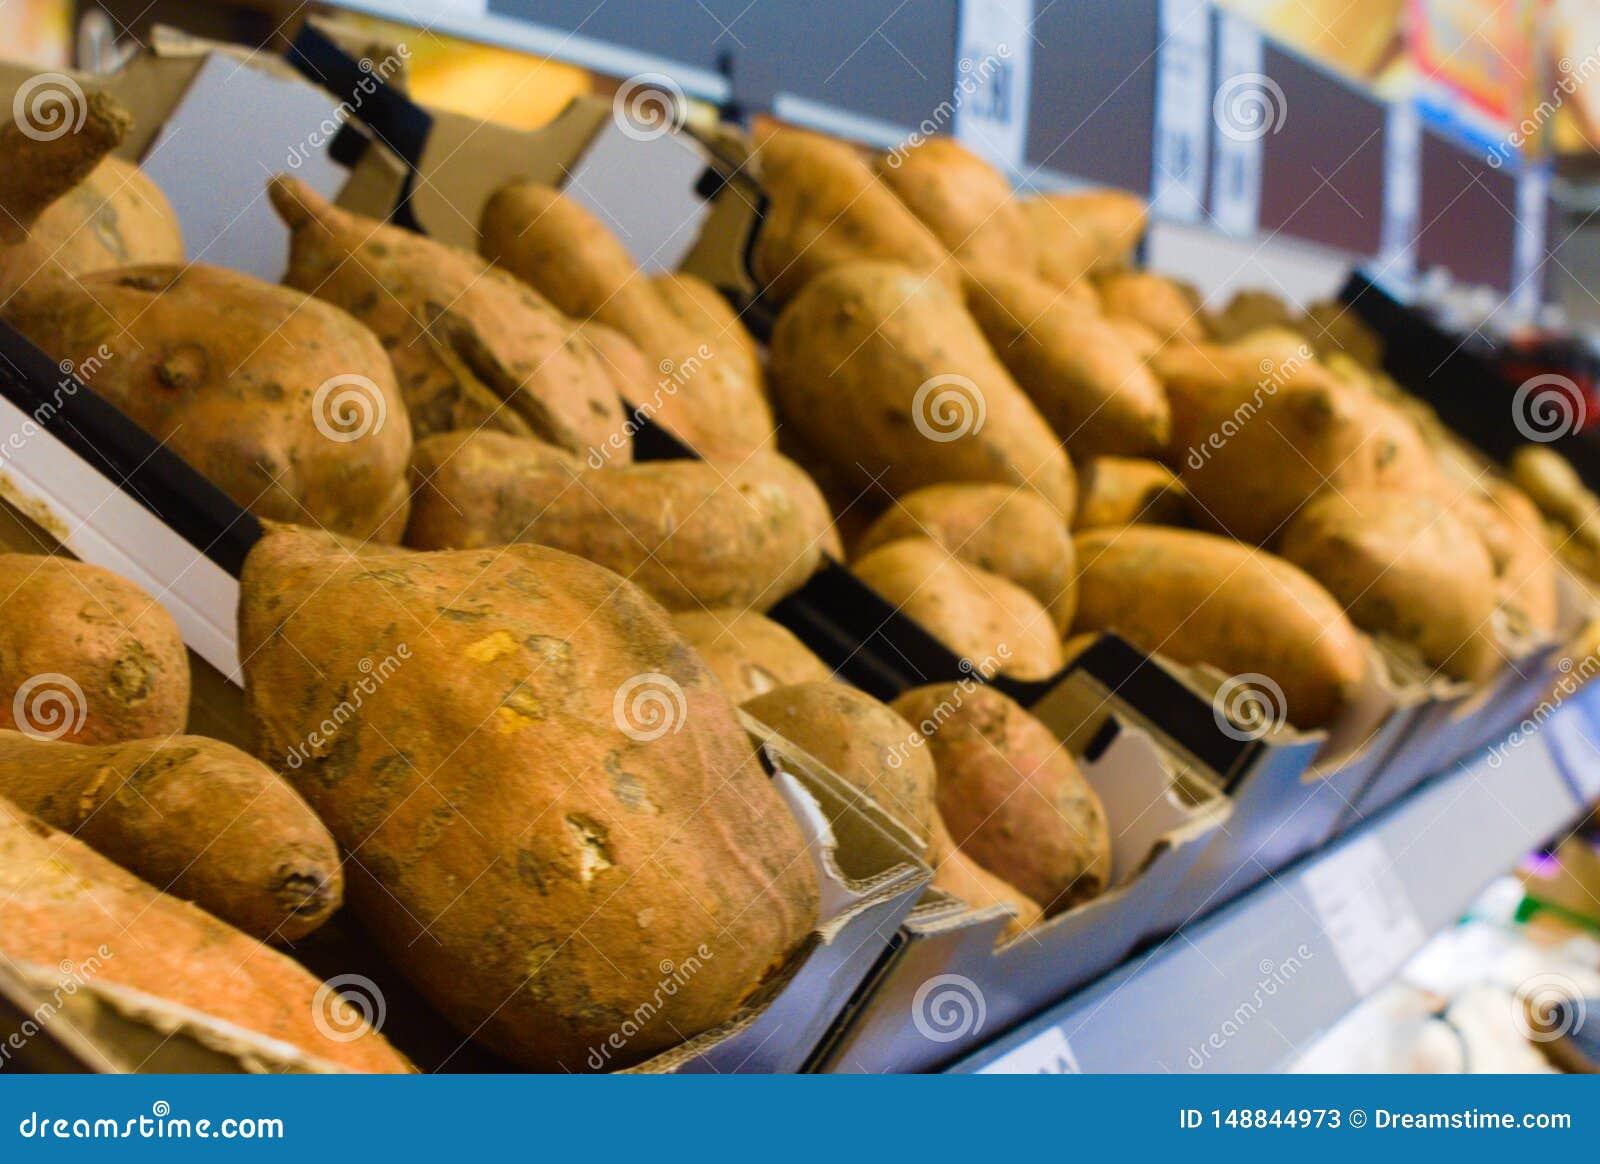 新鲜的被填装的地瓜在超级市场